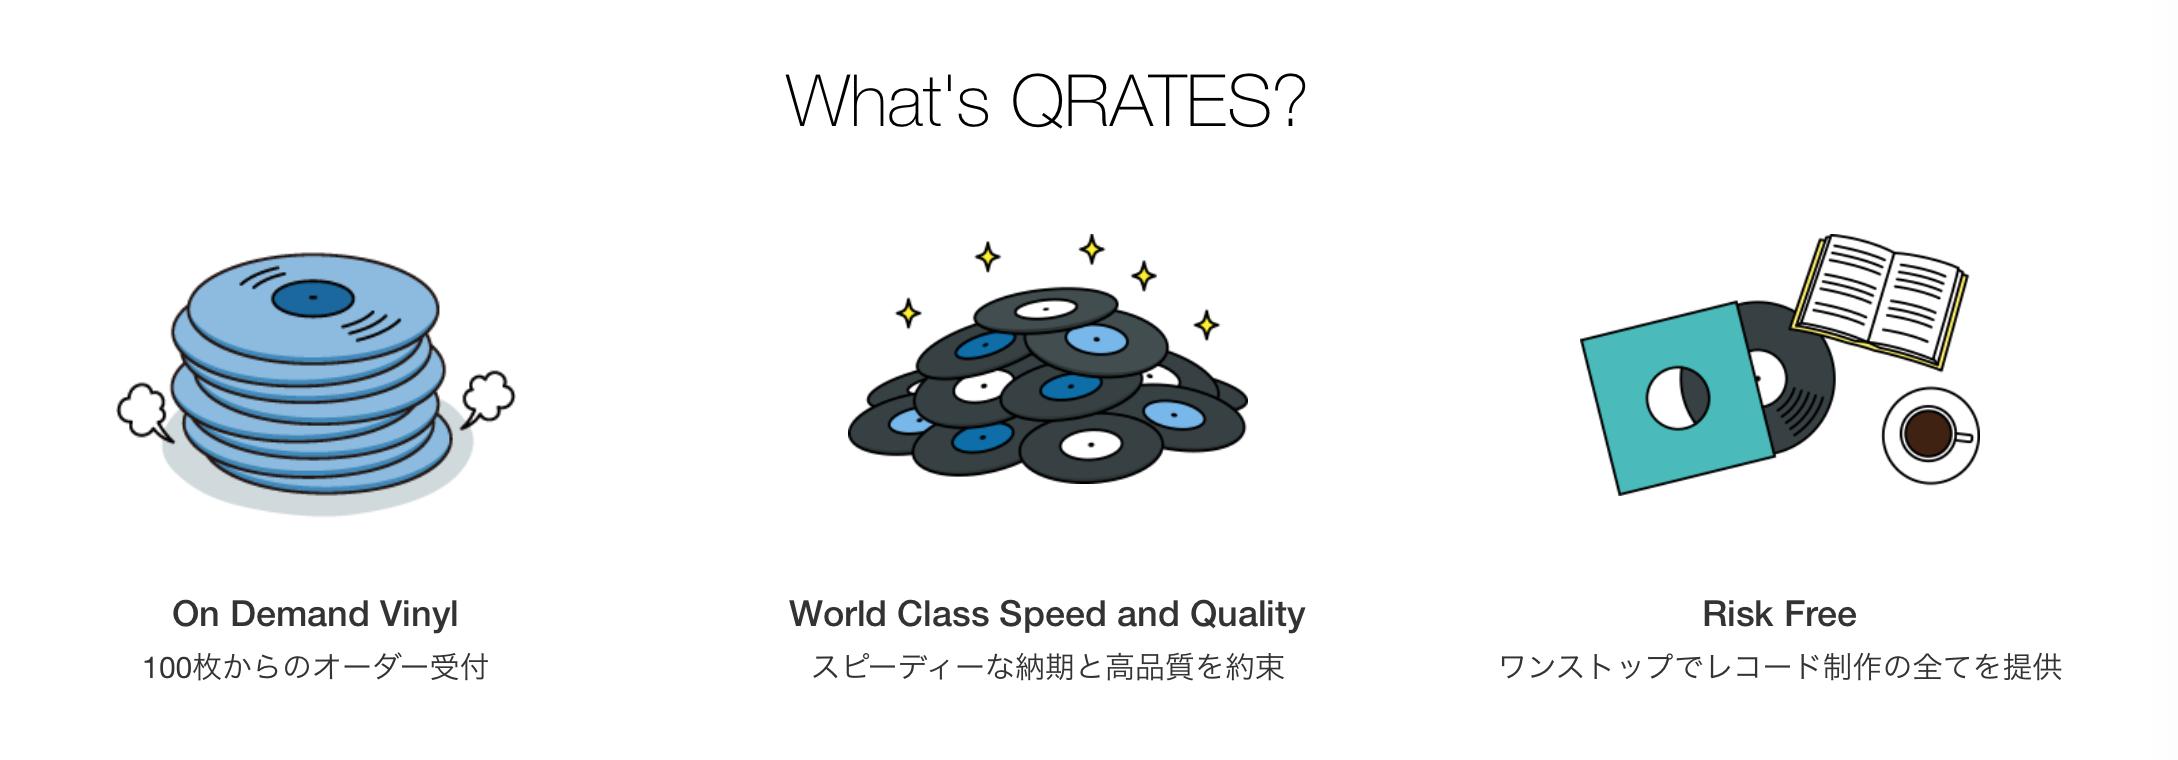 レコード制作サービス QRATES